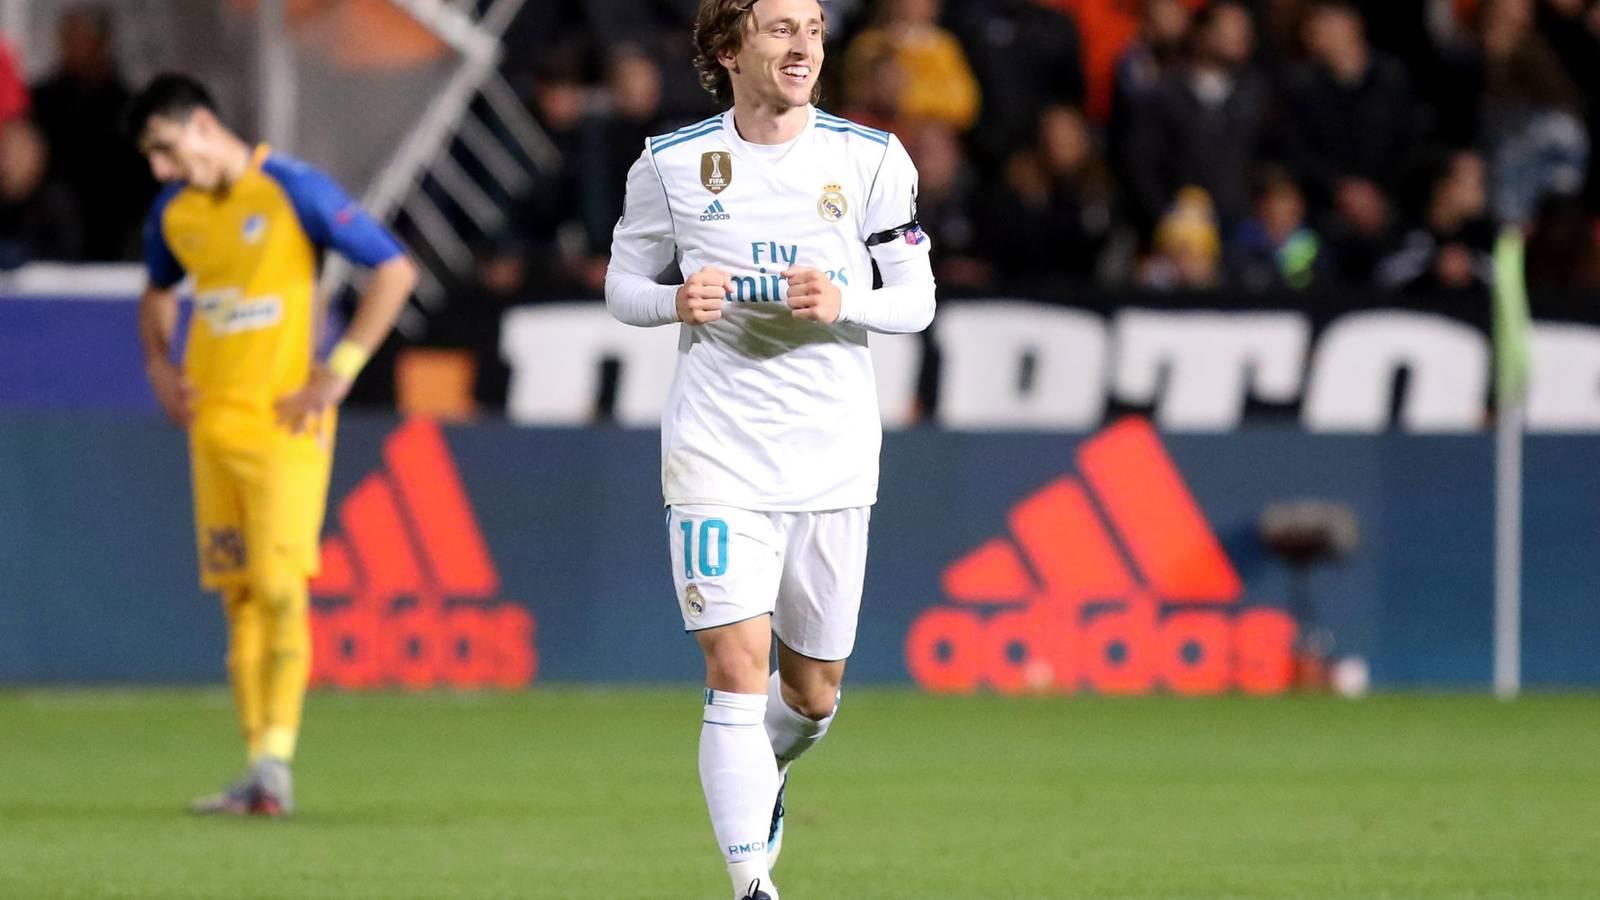 VÍDEO: Luka Modric podria ser fichado por el Inter de Milán